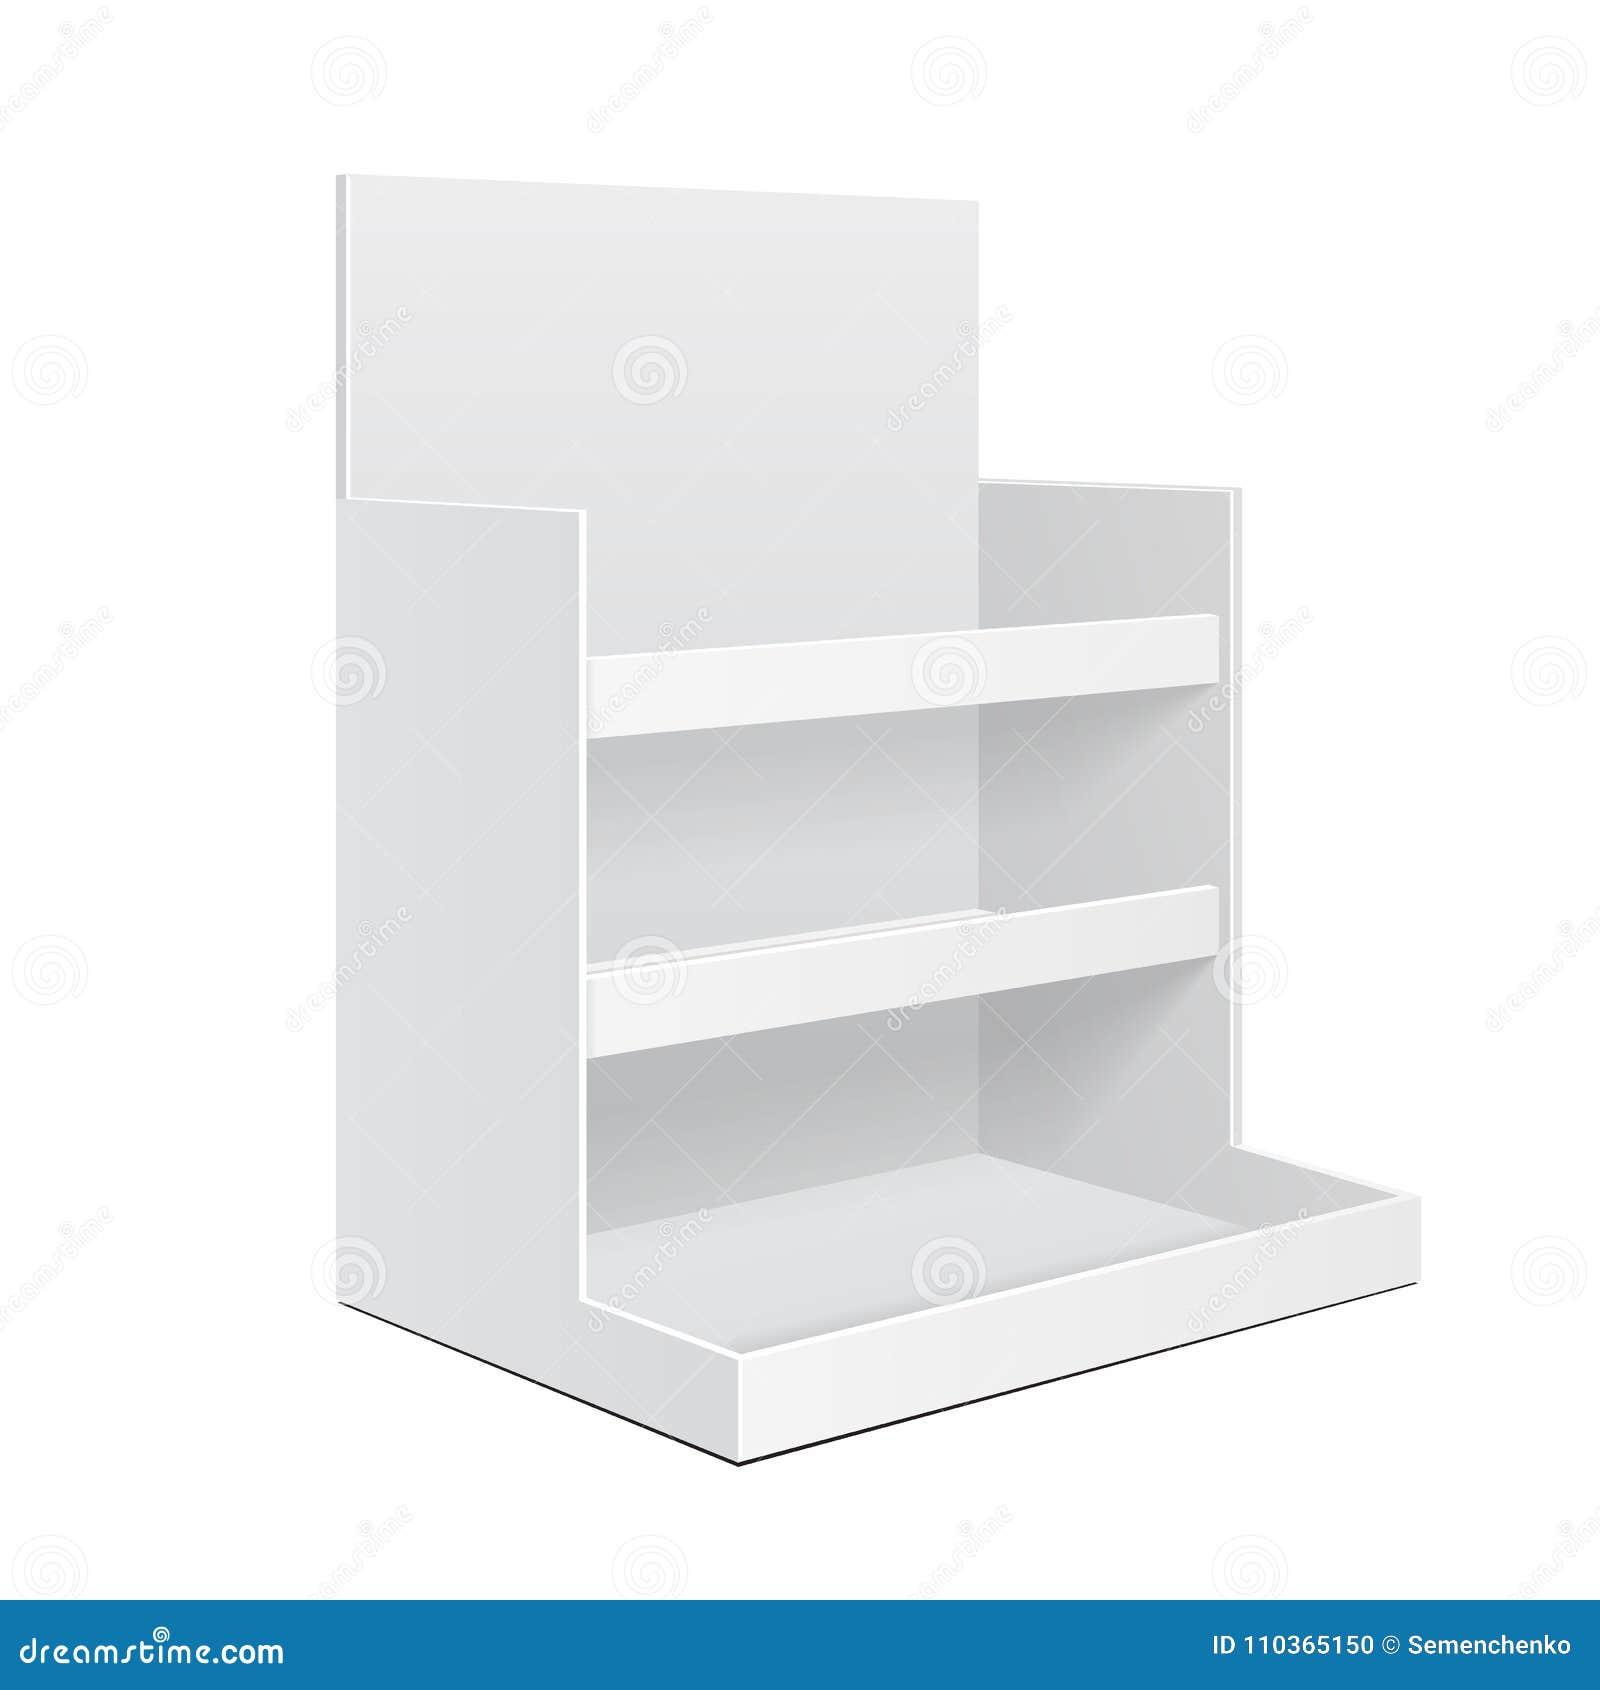 Leere Anzeigen-Pappzähler-Regal-Halter-Kasten Position POI leeren sich Modell, Spott oben, Schablone Getrennt auf weißem Hintergr